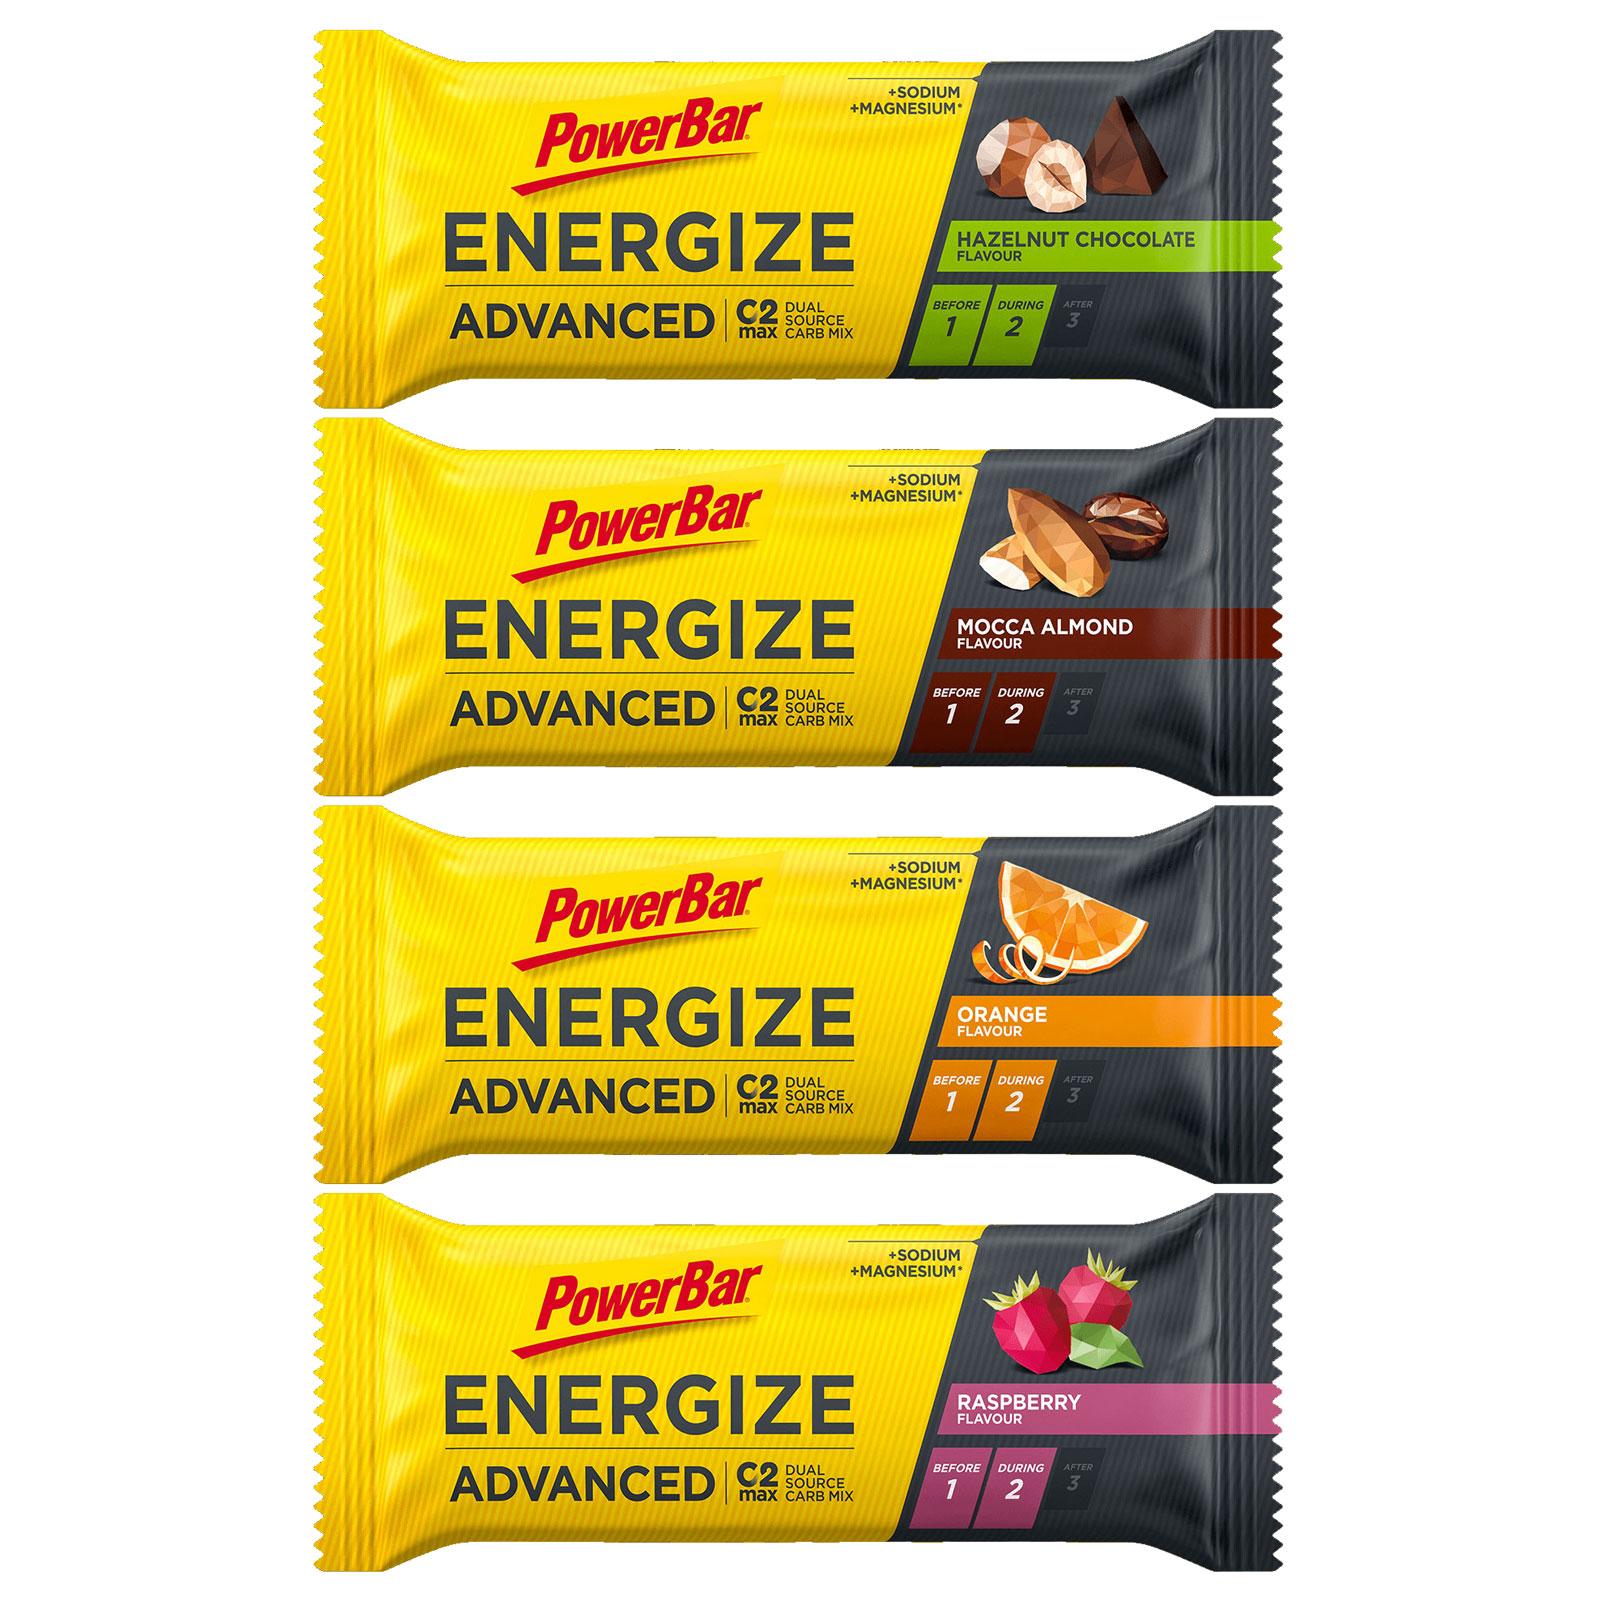 Produktbild von PowerBar Energize Advanced - Kohlenhydrat-Riegel - 55g